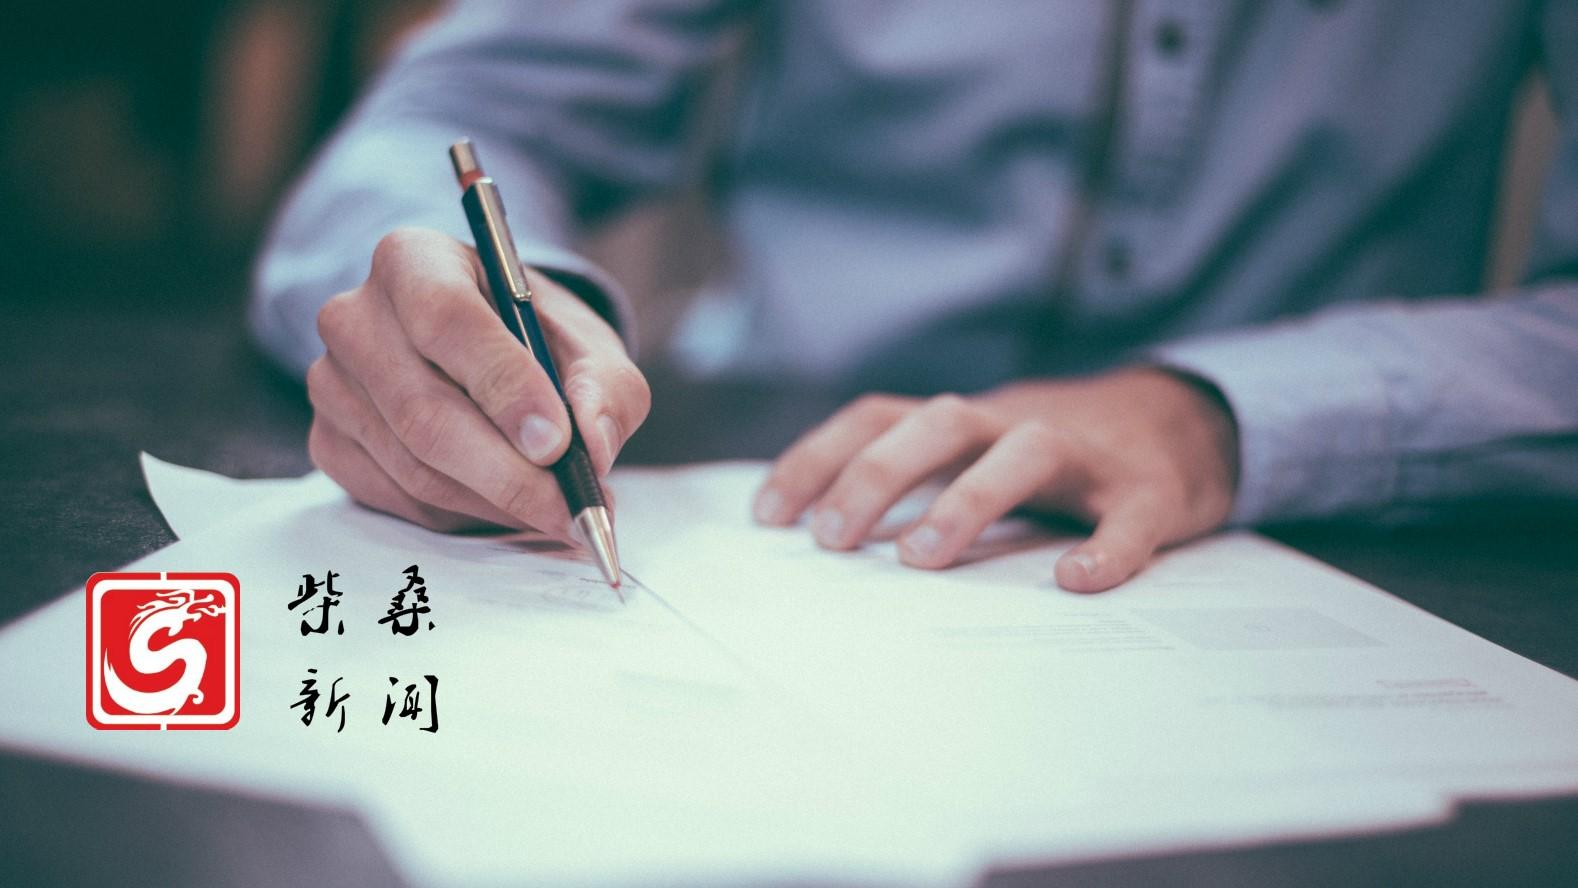 【柴桑新闻】我所李云云律师受邀为赣州银行作专题讲座